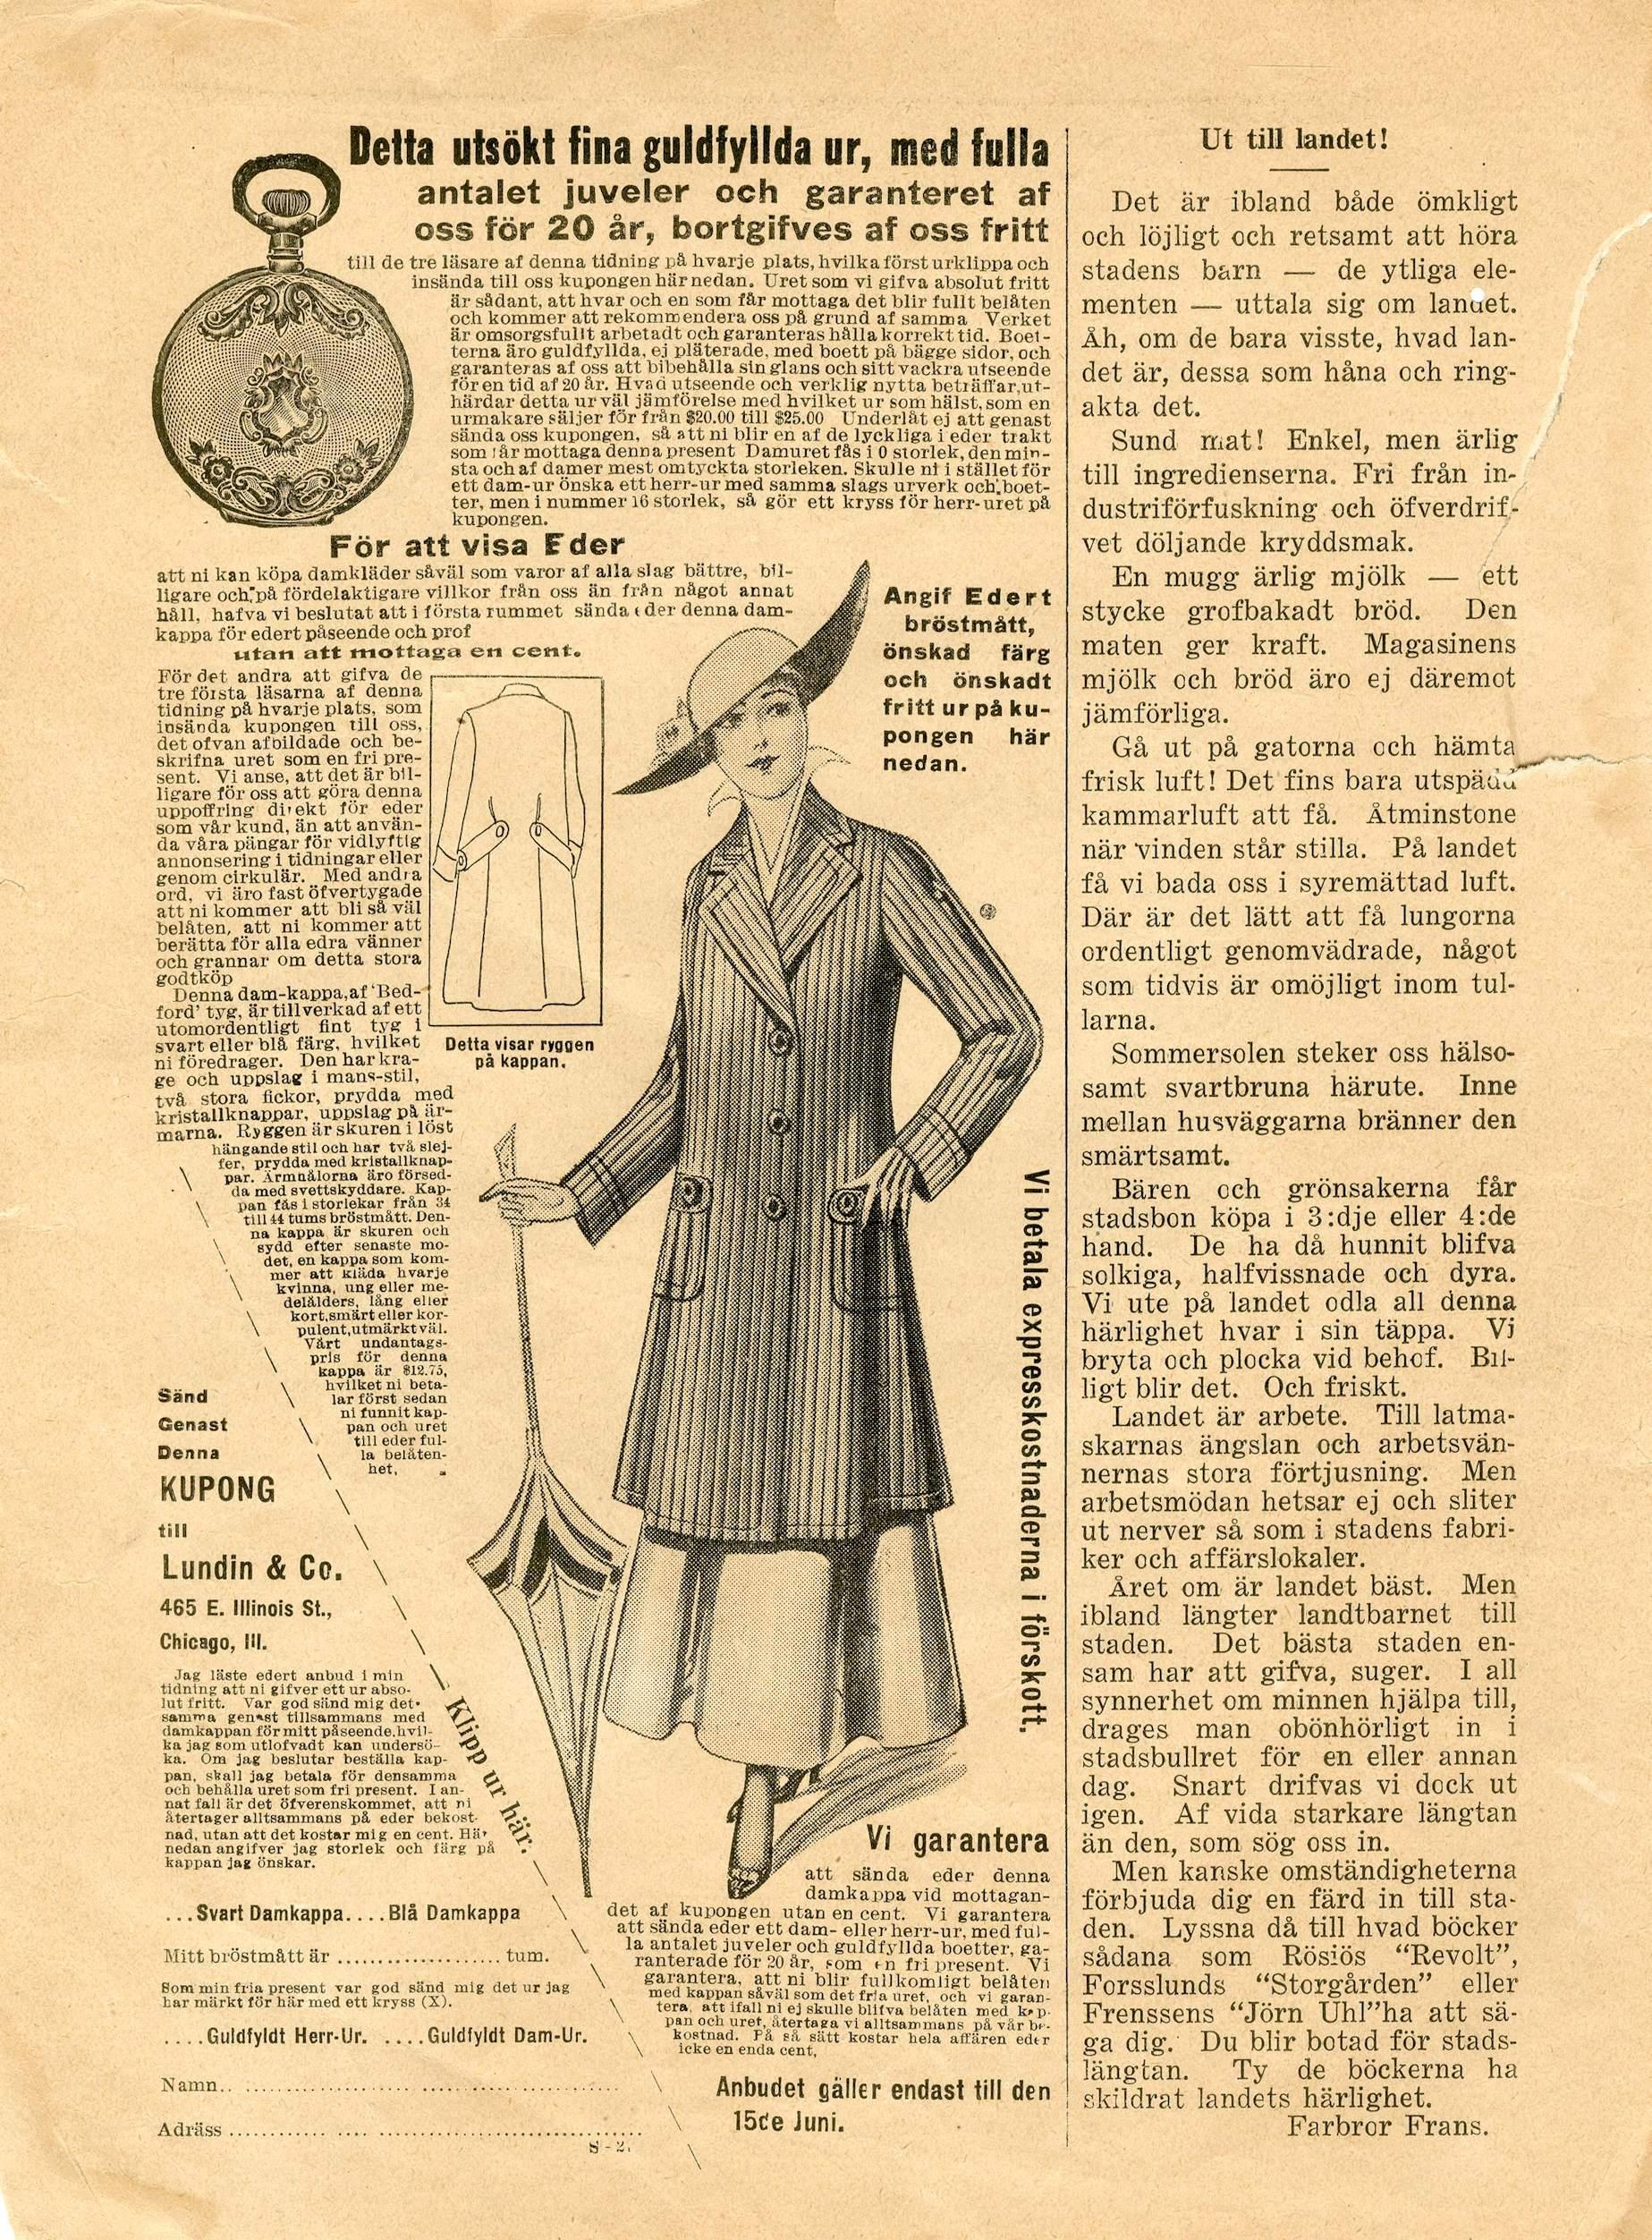 Qvinnan och Hemmet 5/1915